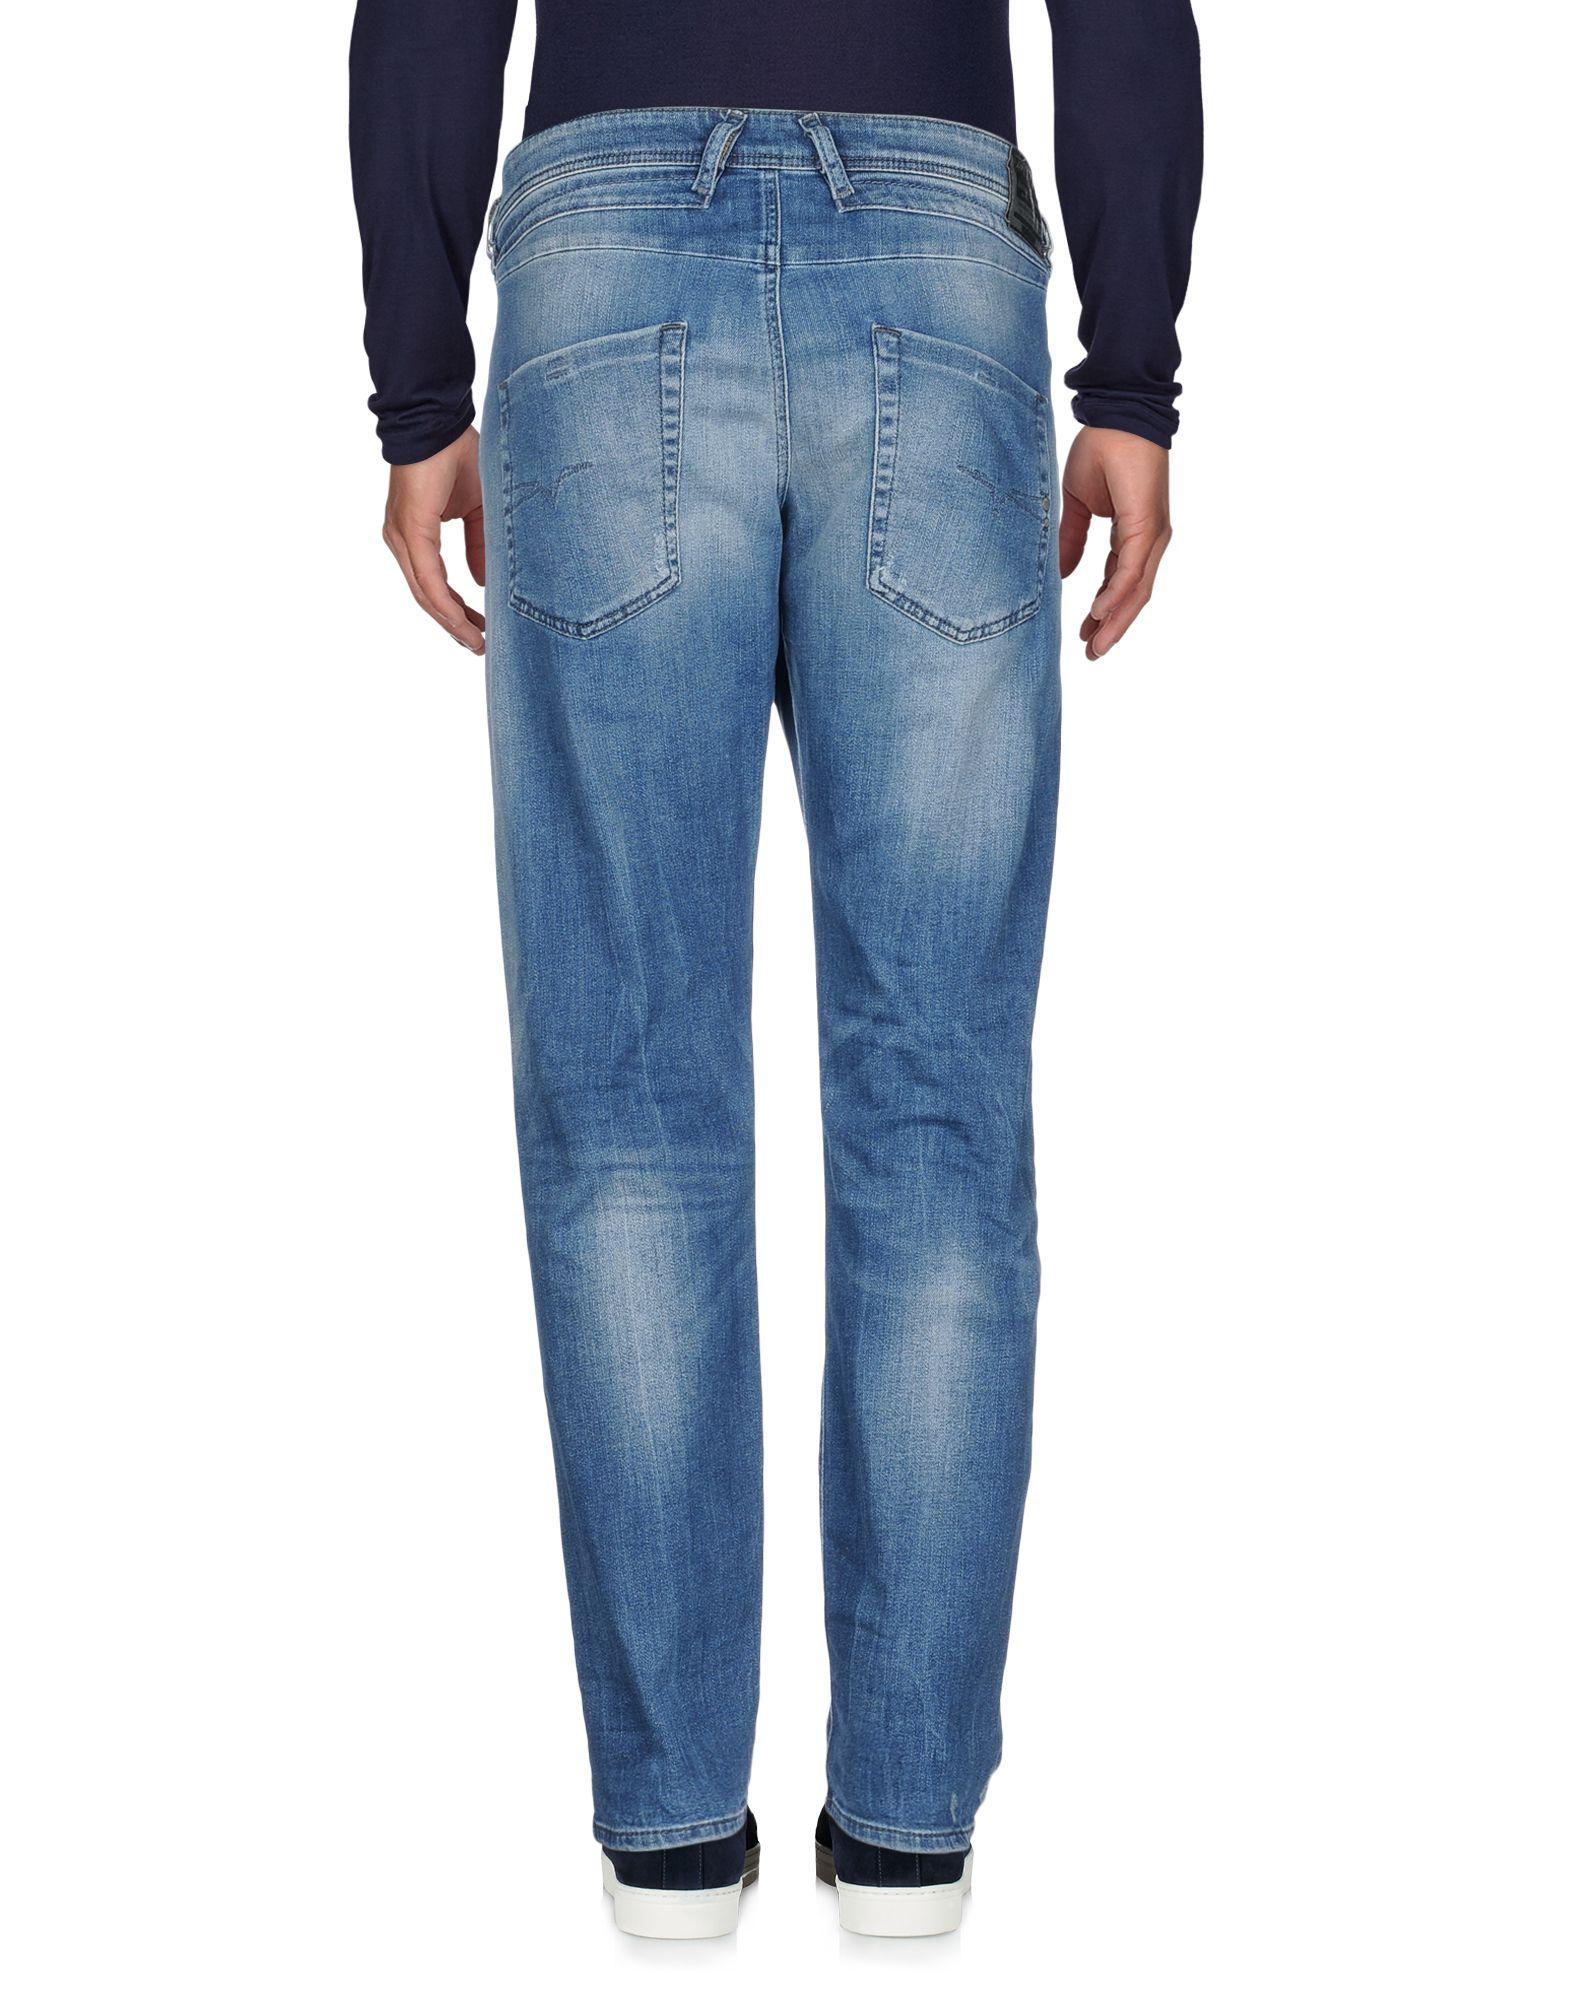 Pantaloni Jeans Diesel Diesel Diesel Uomo - 42678687AX dc9e34